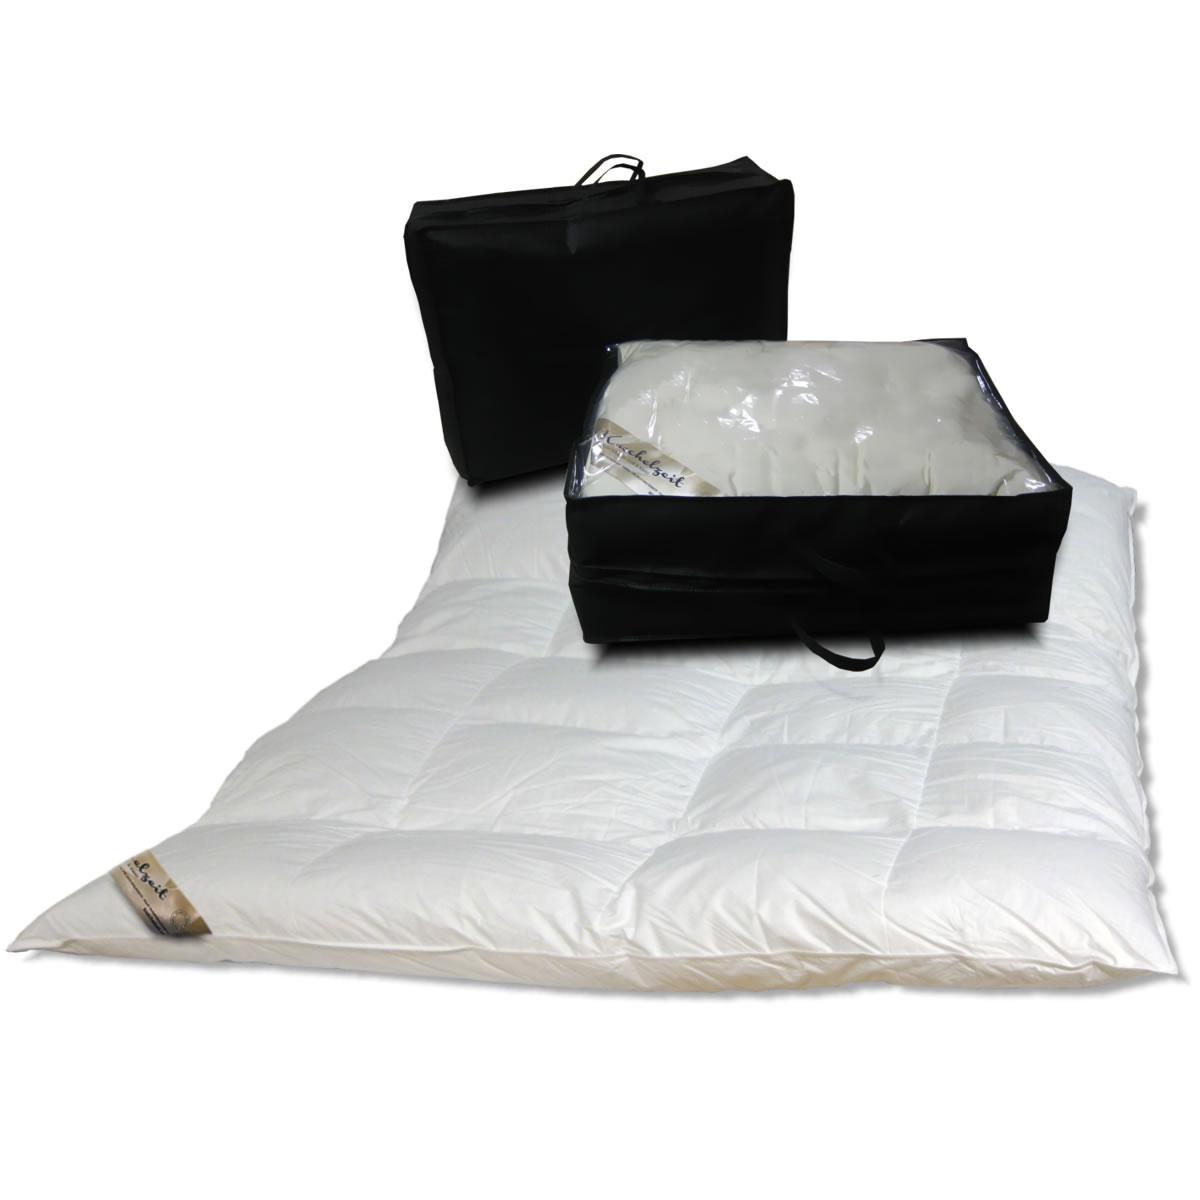 daunendecke 155x220 mit 10 cm innensteg 90 daunen und 10 federn. Black Bedroom Furniture Sets. Home Design Ideas